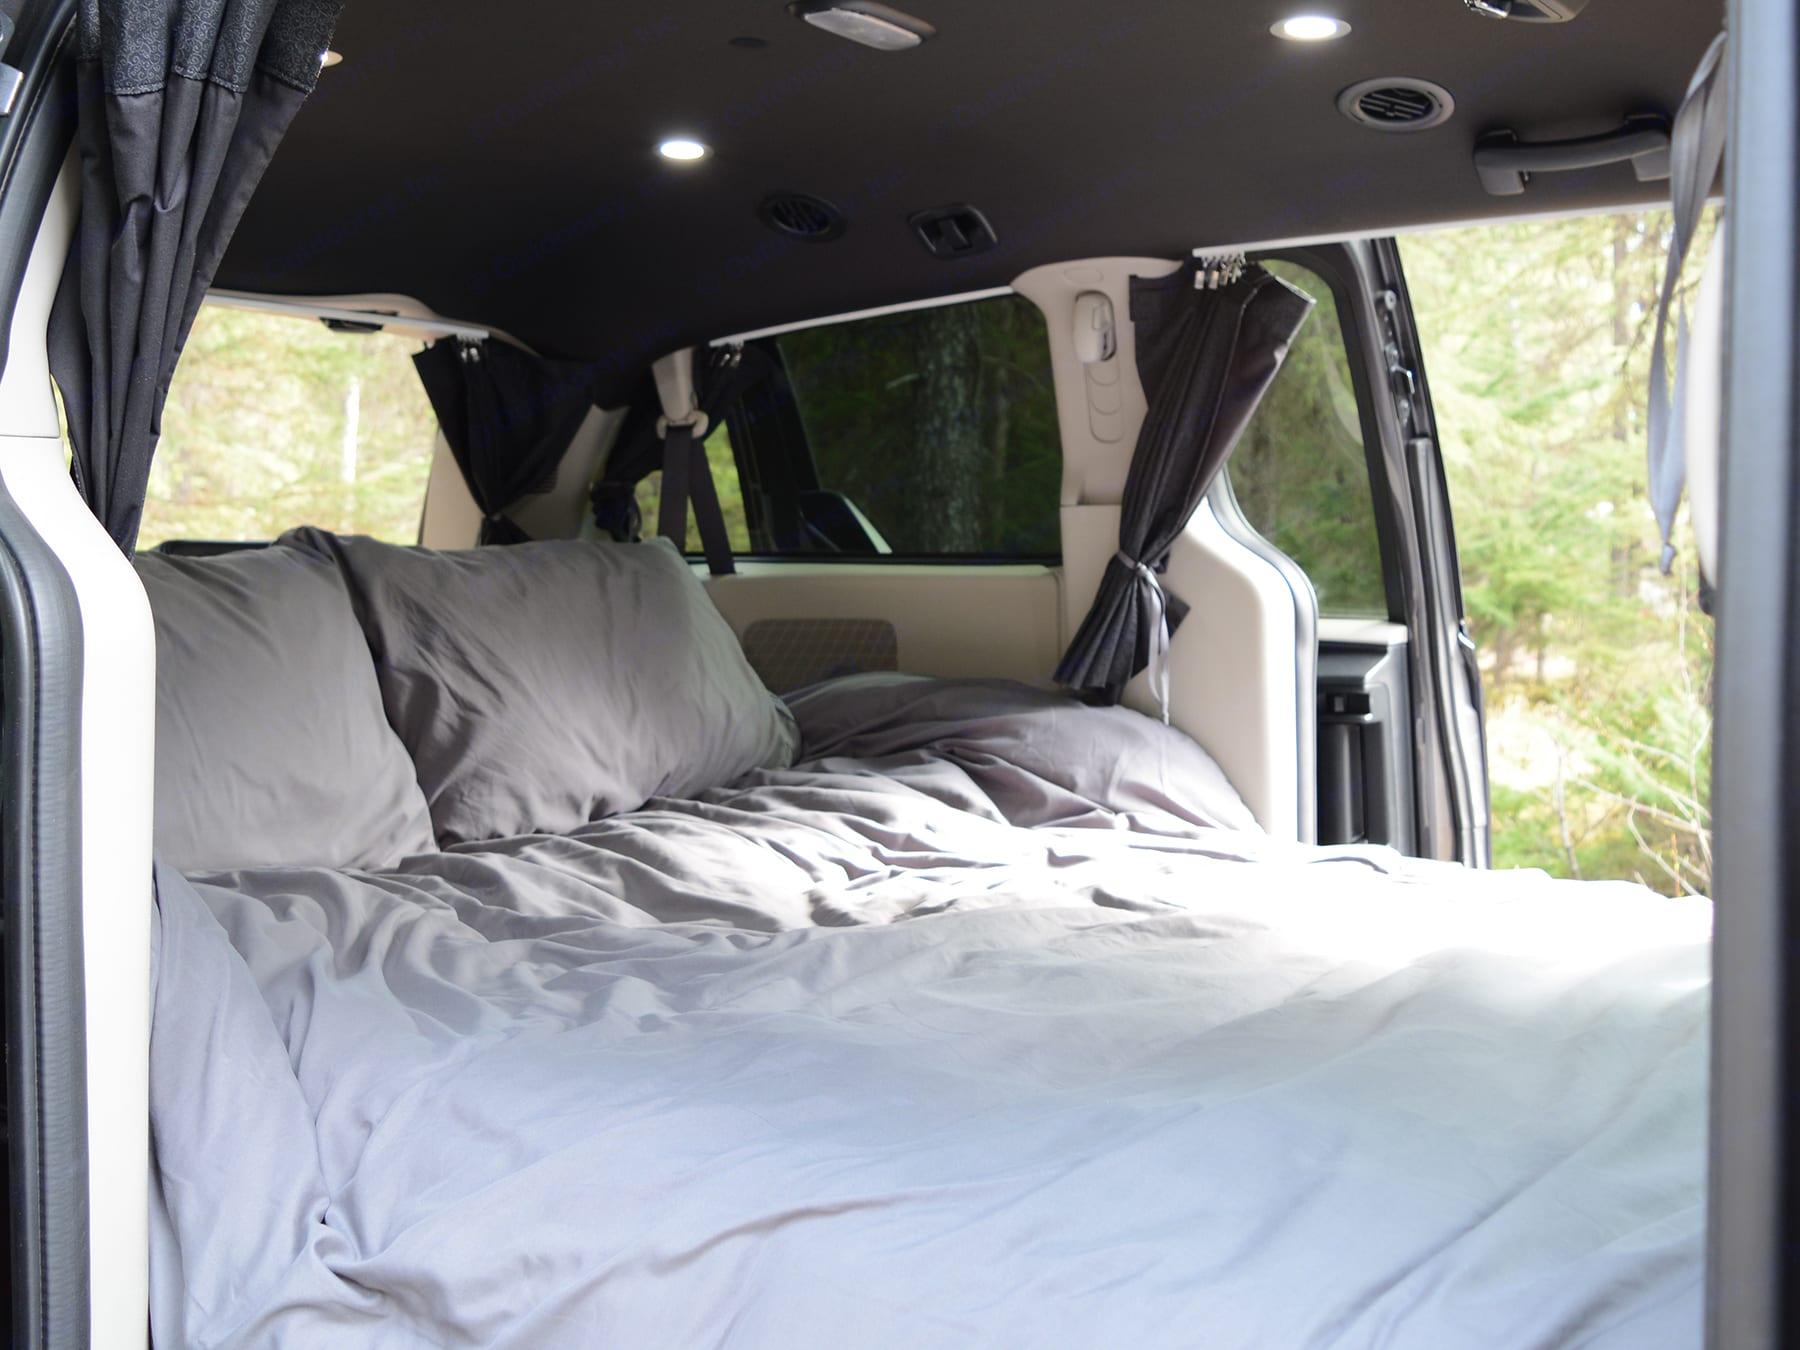 Get Lost Travel Van Interior Bed. Dodge Grand Caravan 2016